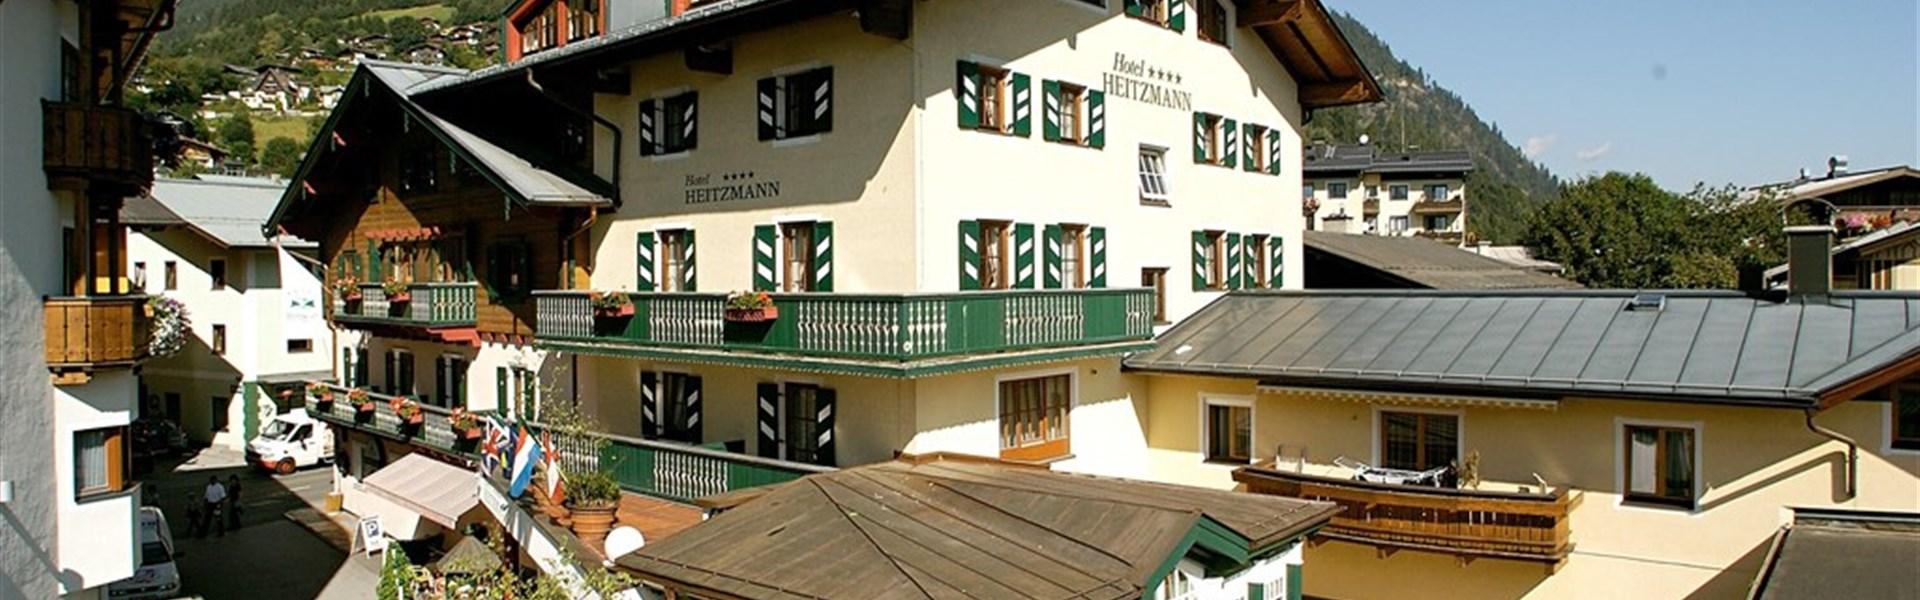 Hotel Heitzmann -